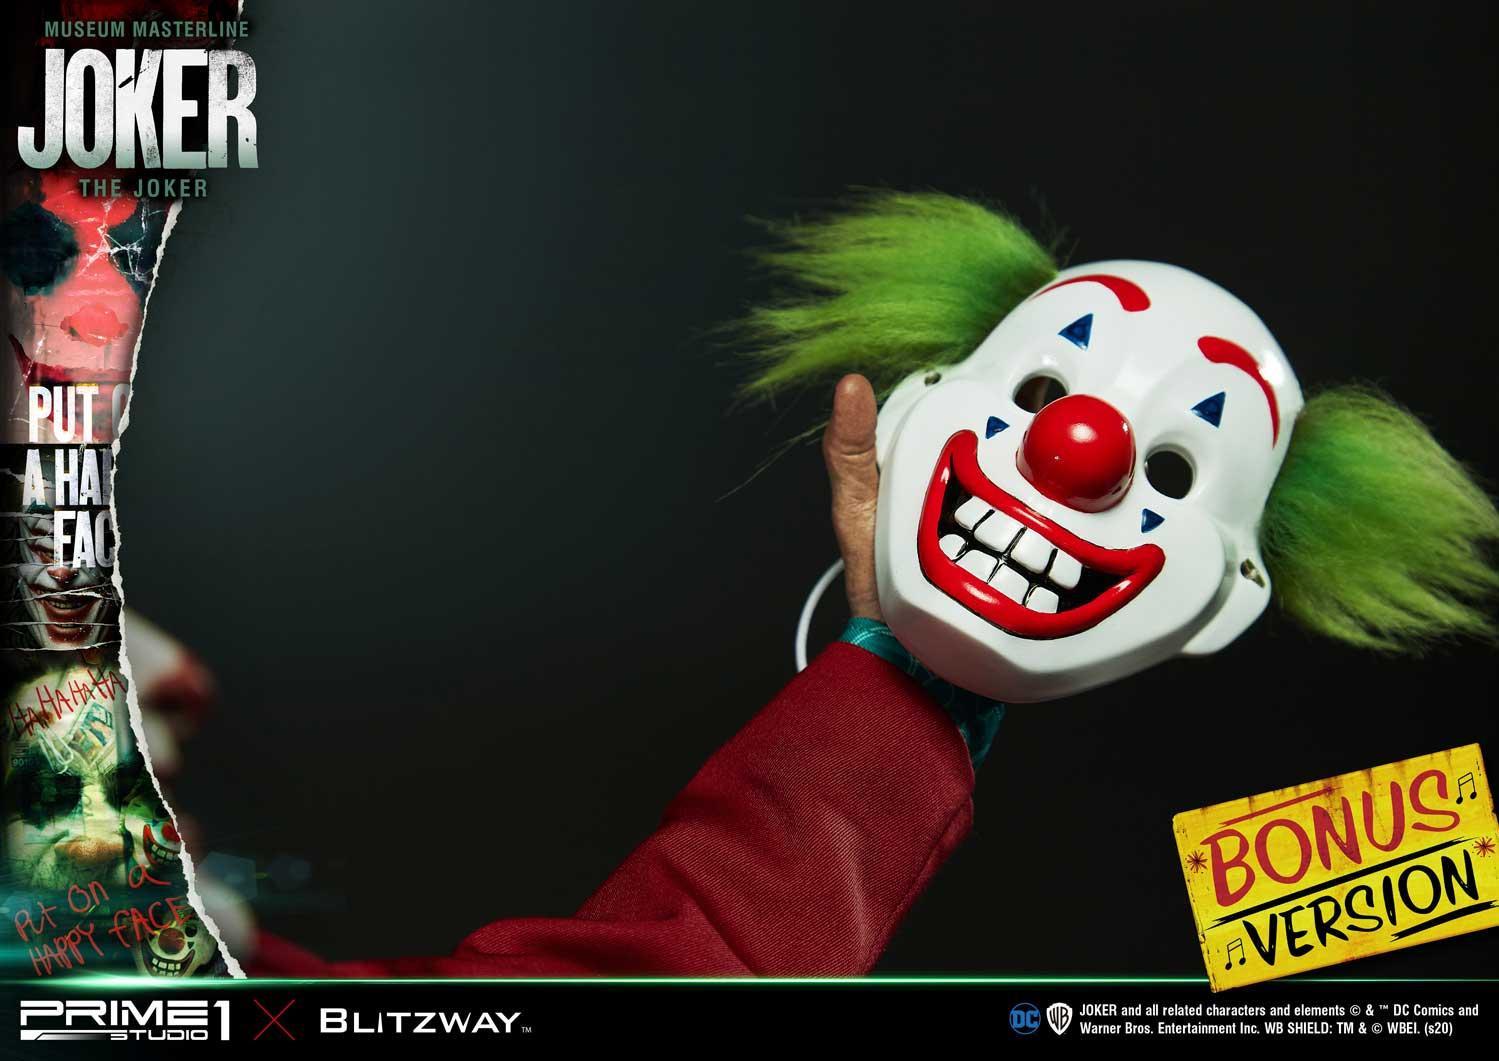 2019《小丑》独立电影1/3雕像开启预订 售价9215元